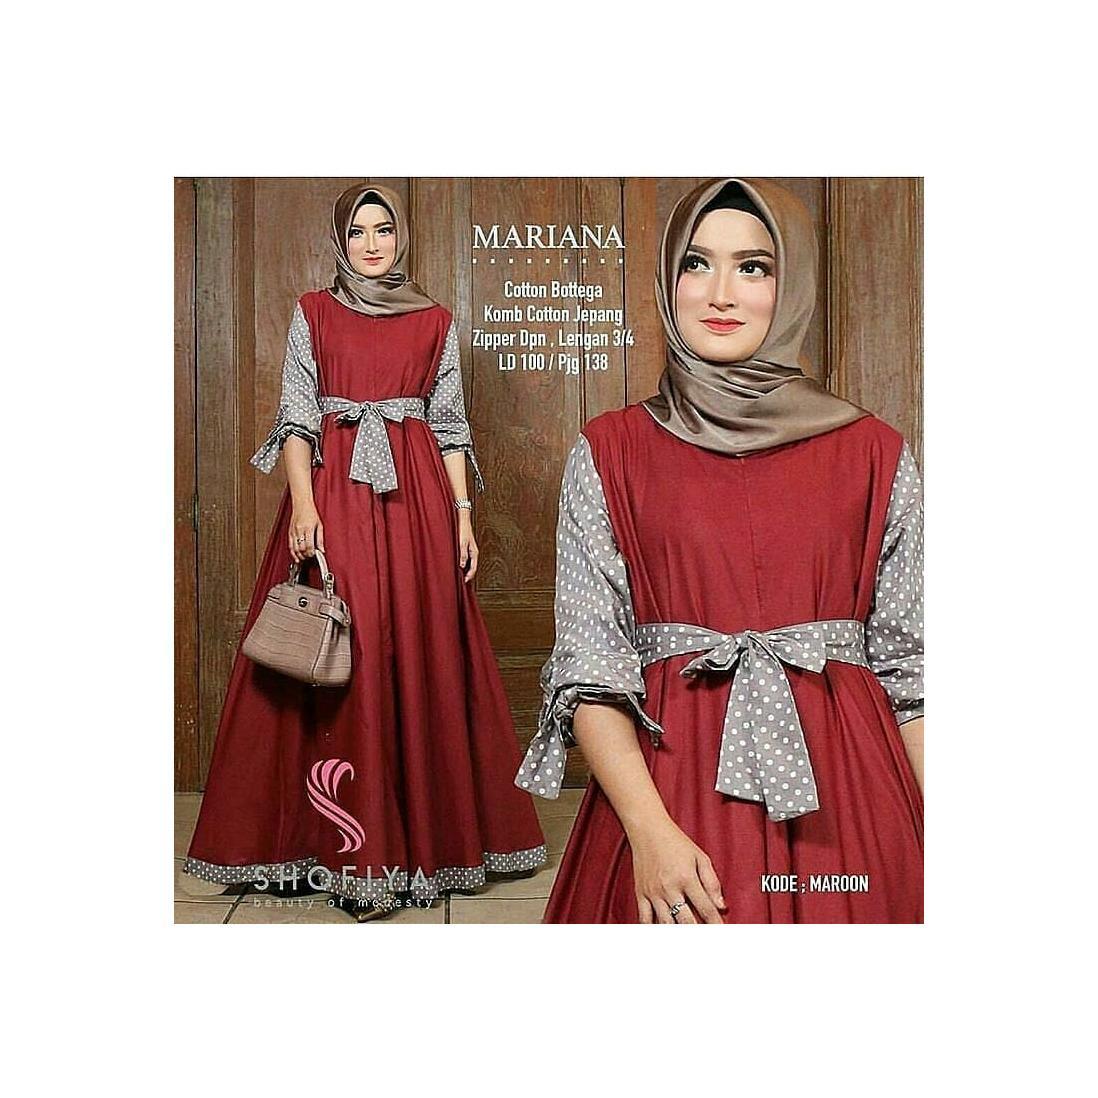 Baju Mariana Polka Maxi Dress Panjang  Balotelly Hijab Casual Pakaian Muslim Wanita Muslim Modern Terbaru Termurah  2018